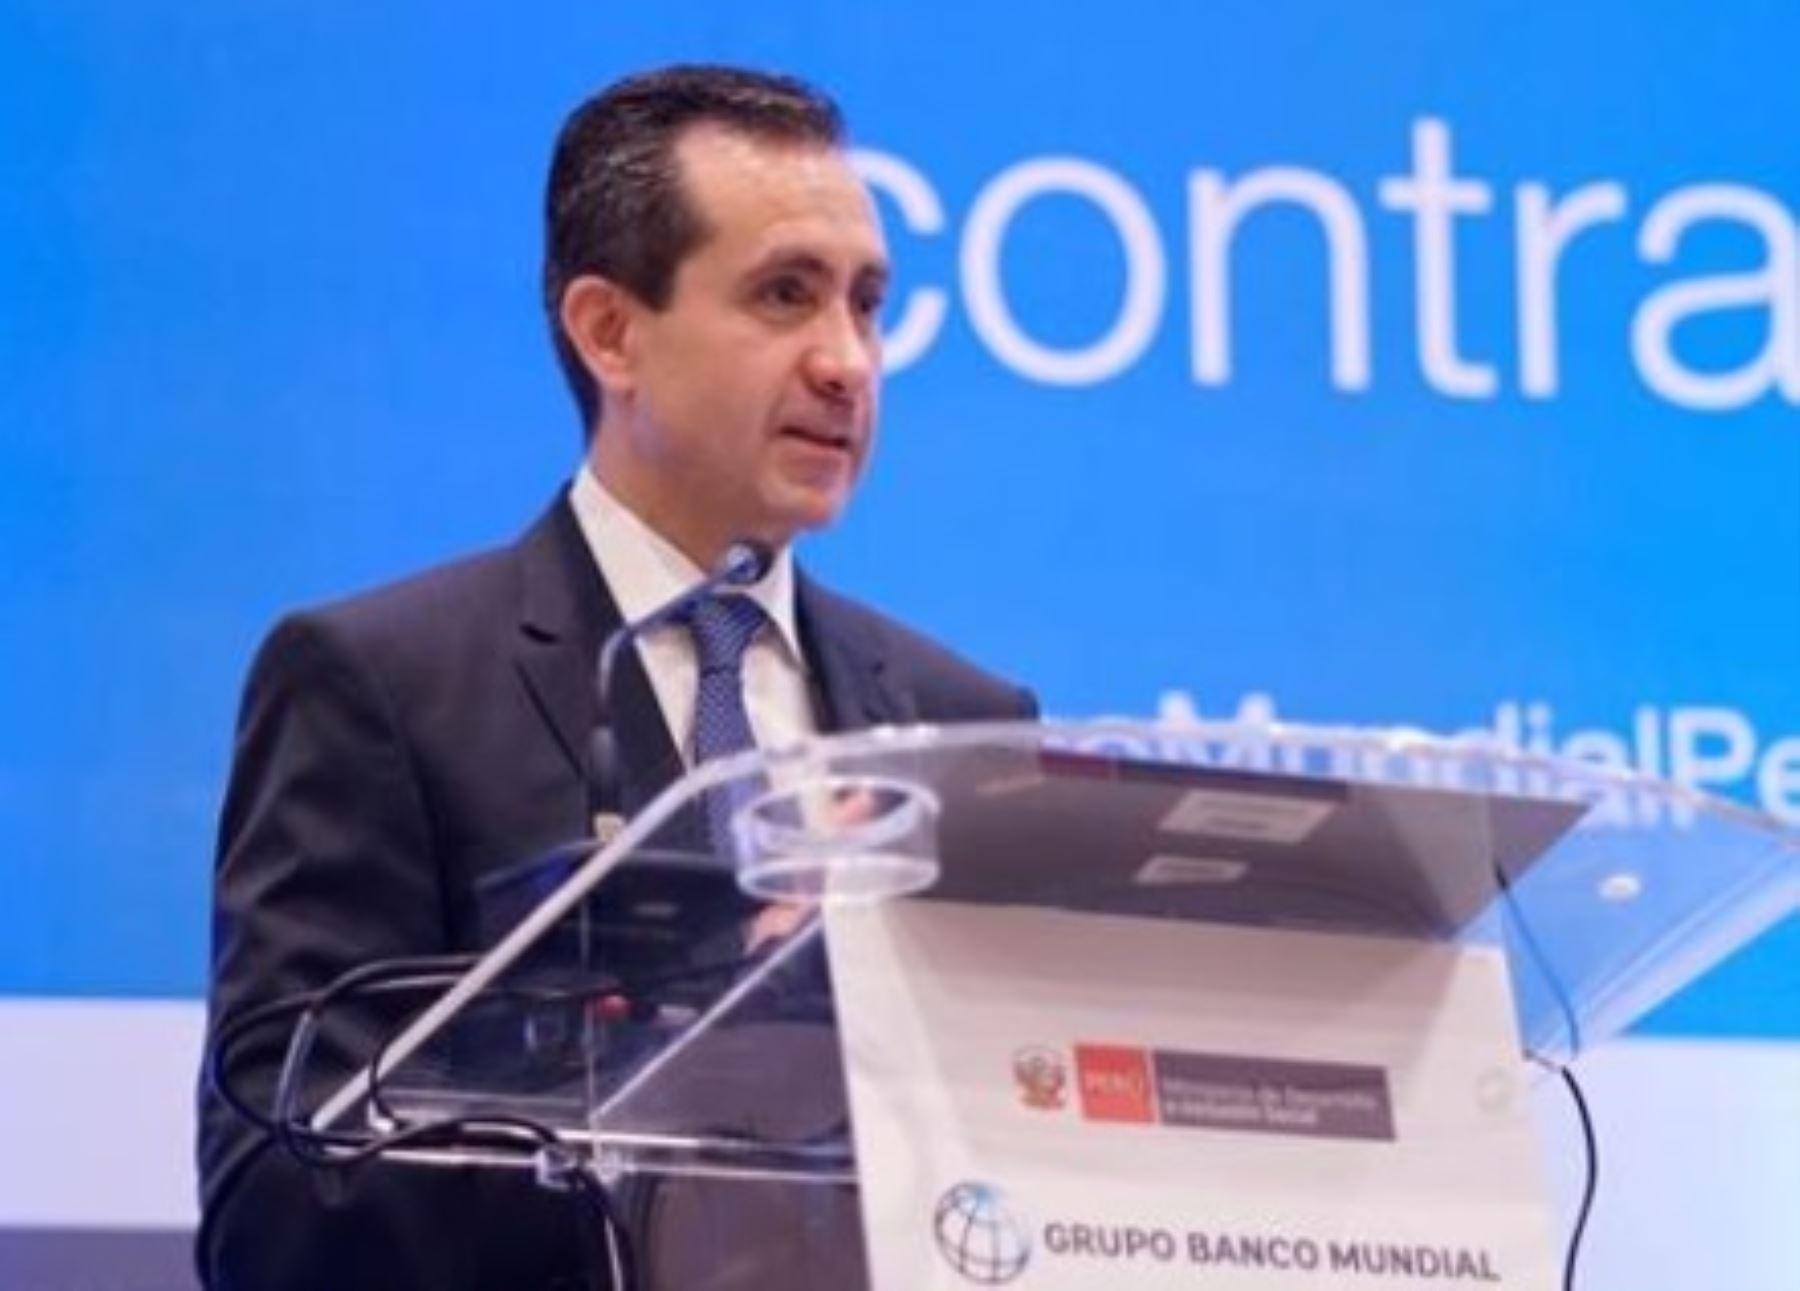 Vicepresidente del Banco Mundial para América Latina y el Caribe, Jorge Familiar. INTERNET/Medios